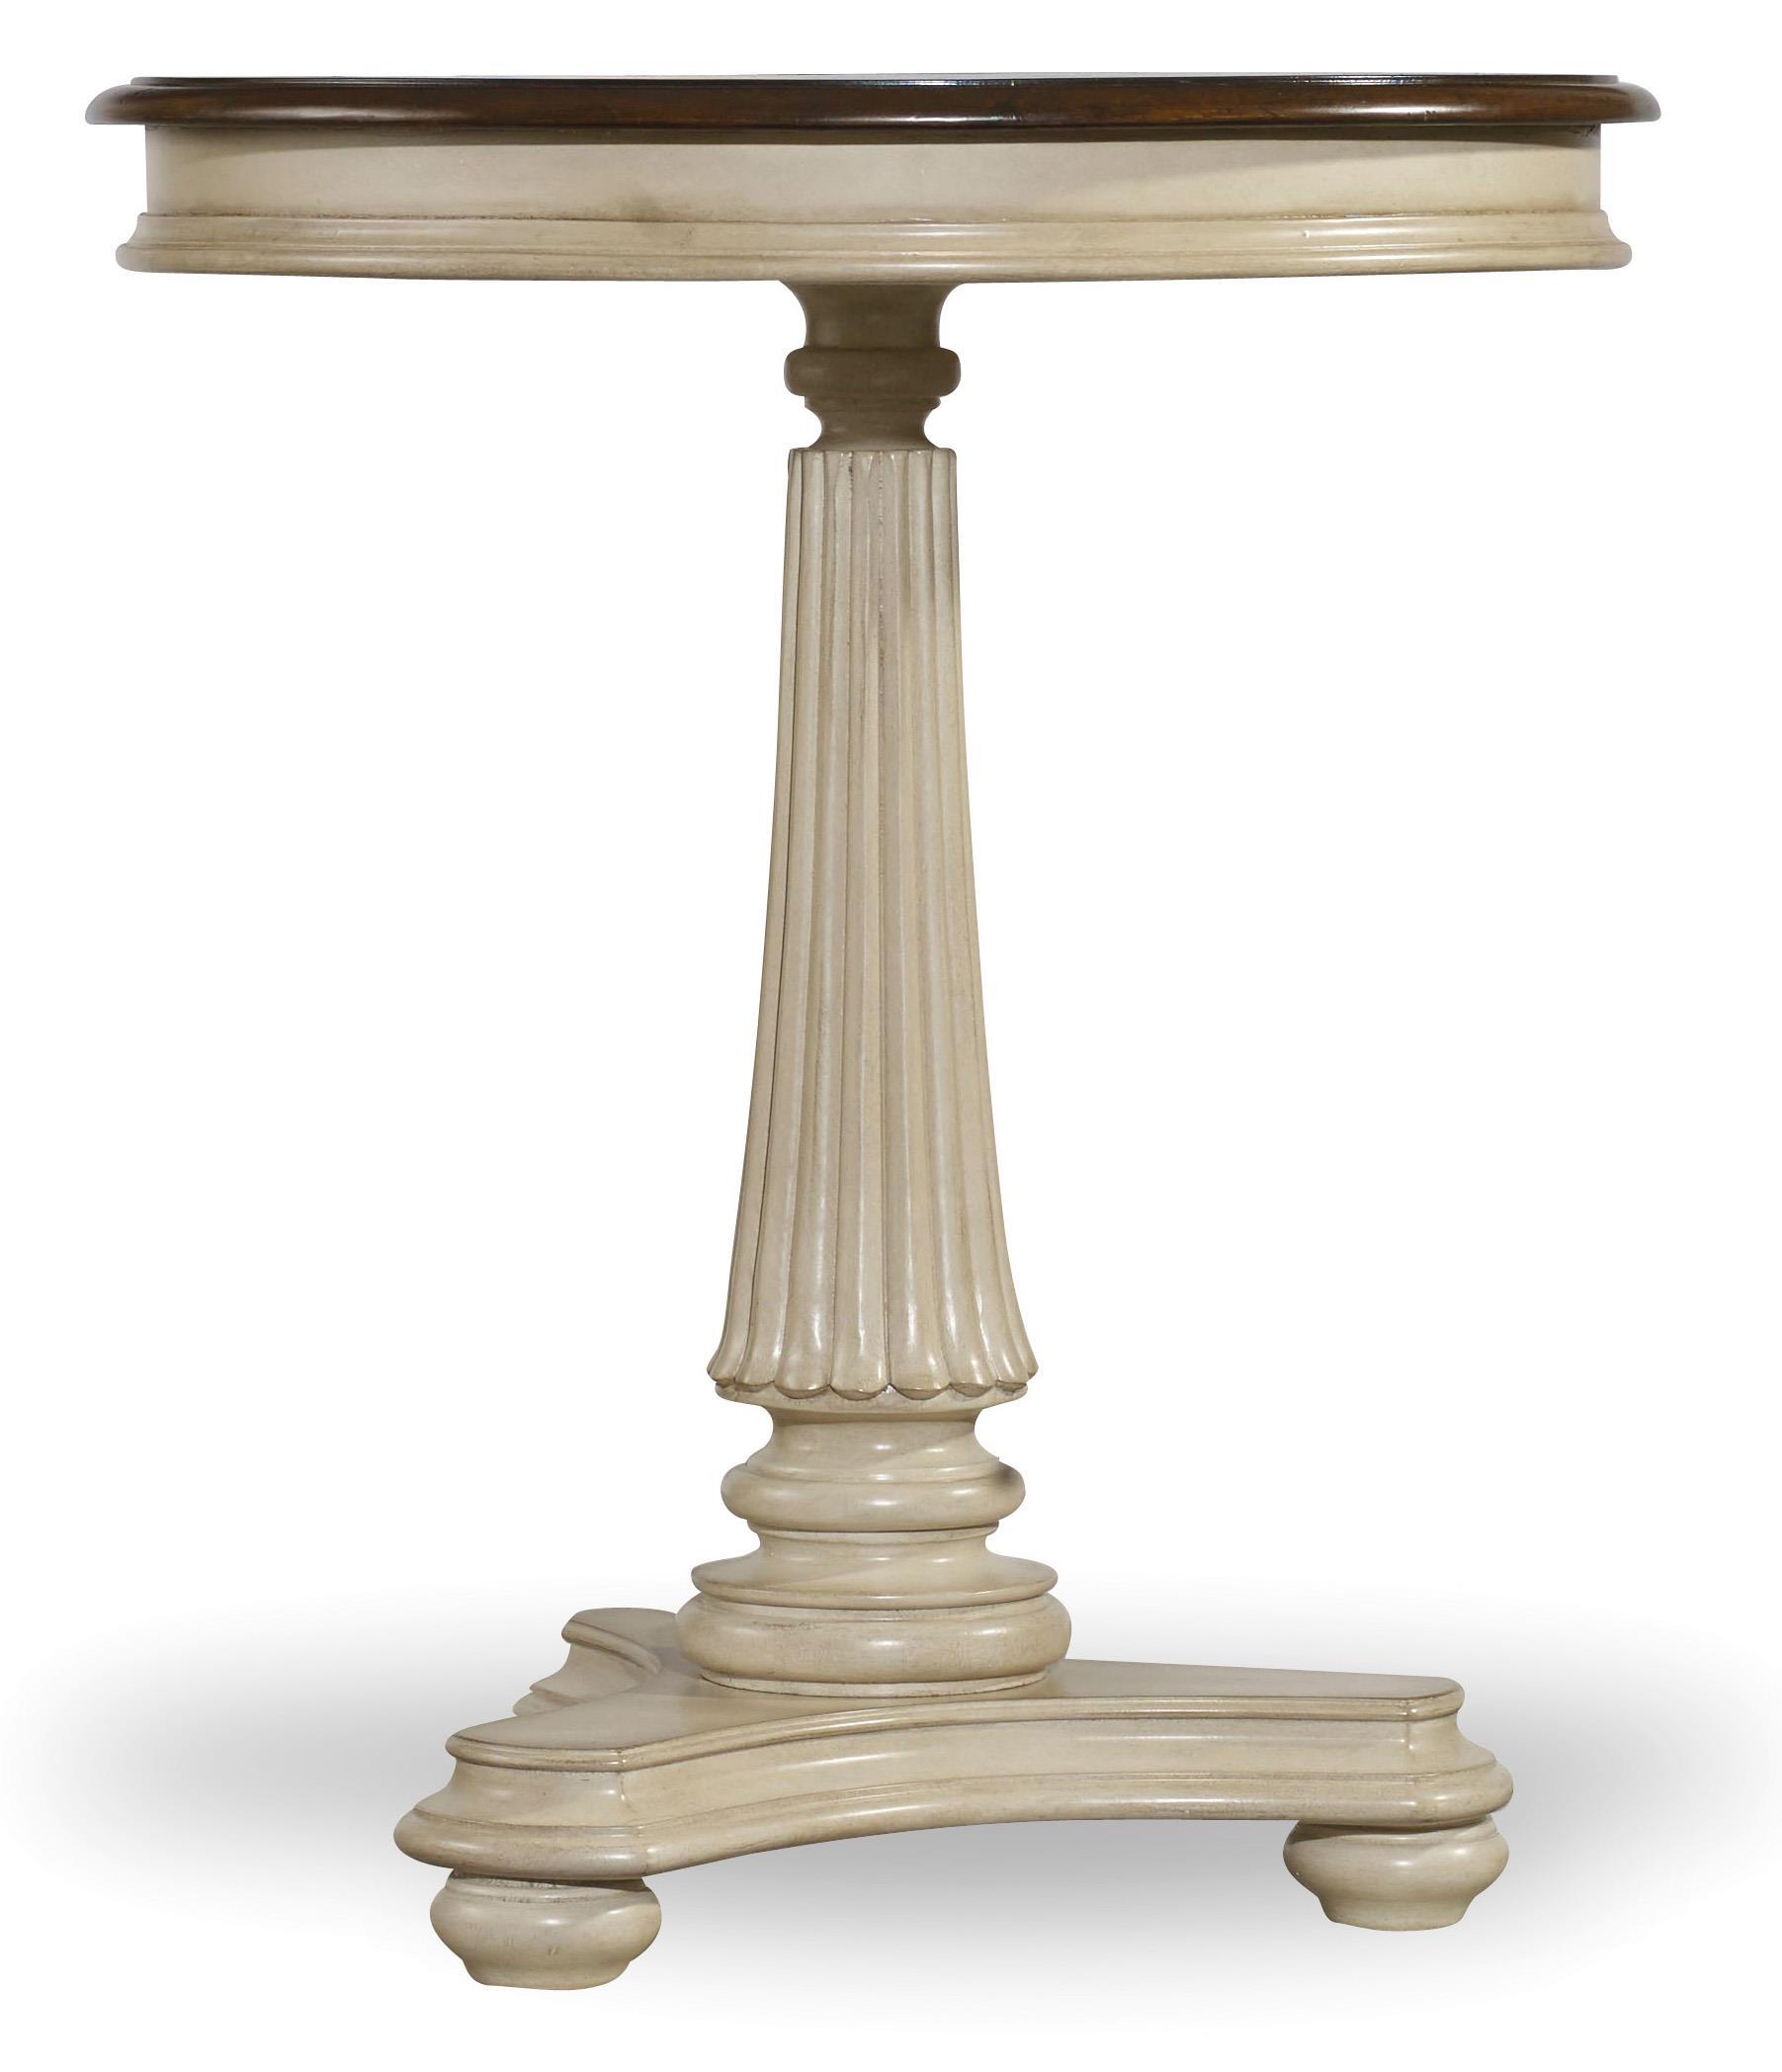 Hooker Furniture Leesburg Round Bedside Table - Item Number: 5481-90015